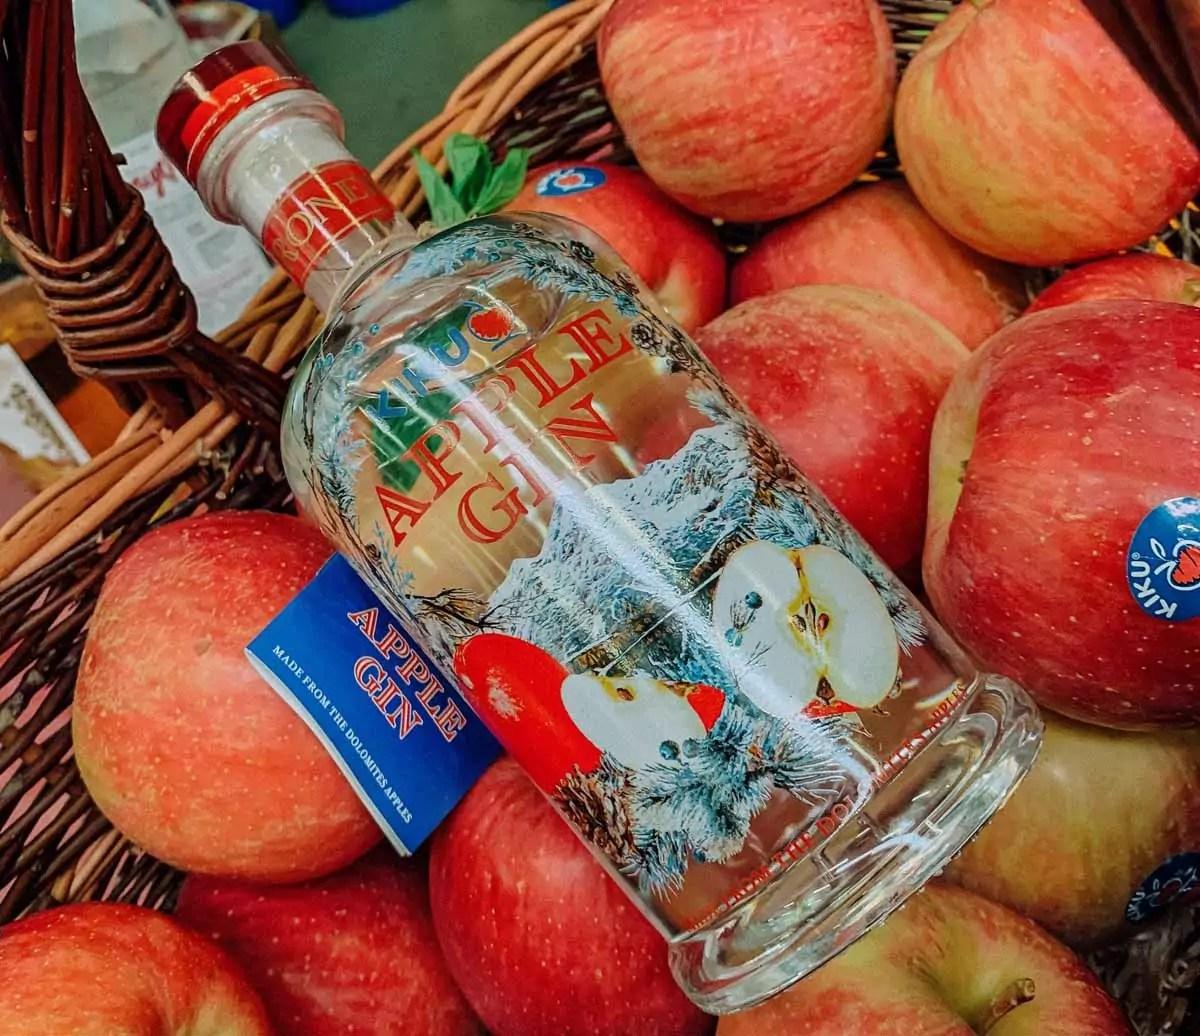 KIKU Apple Gin